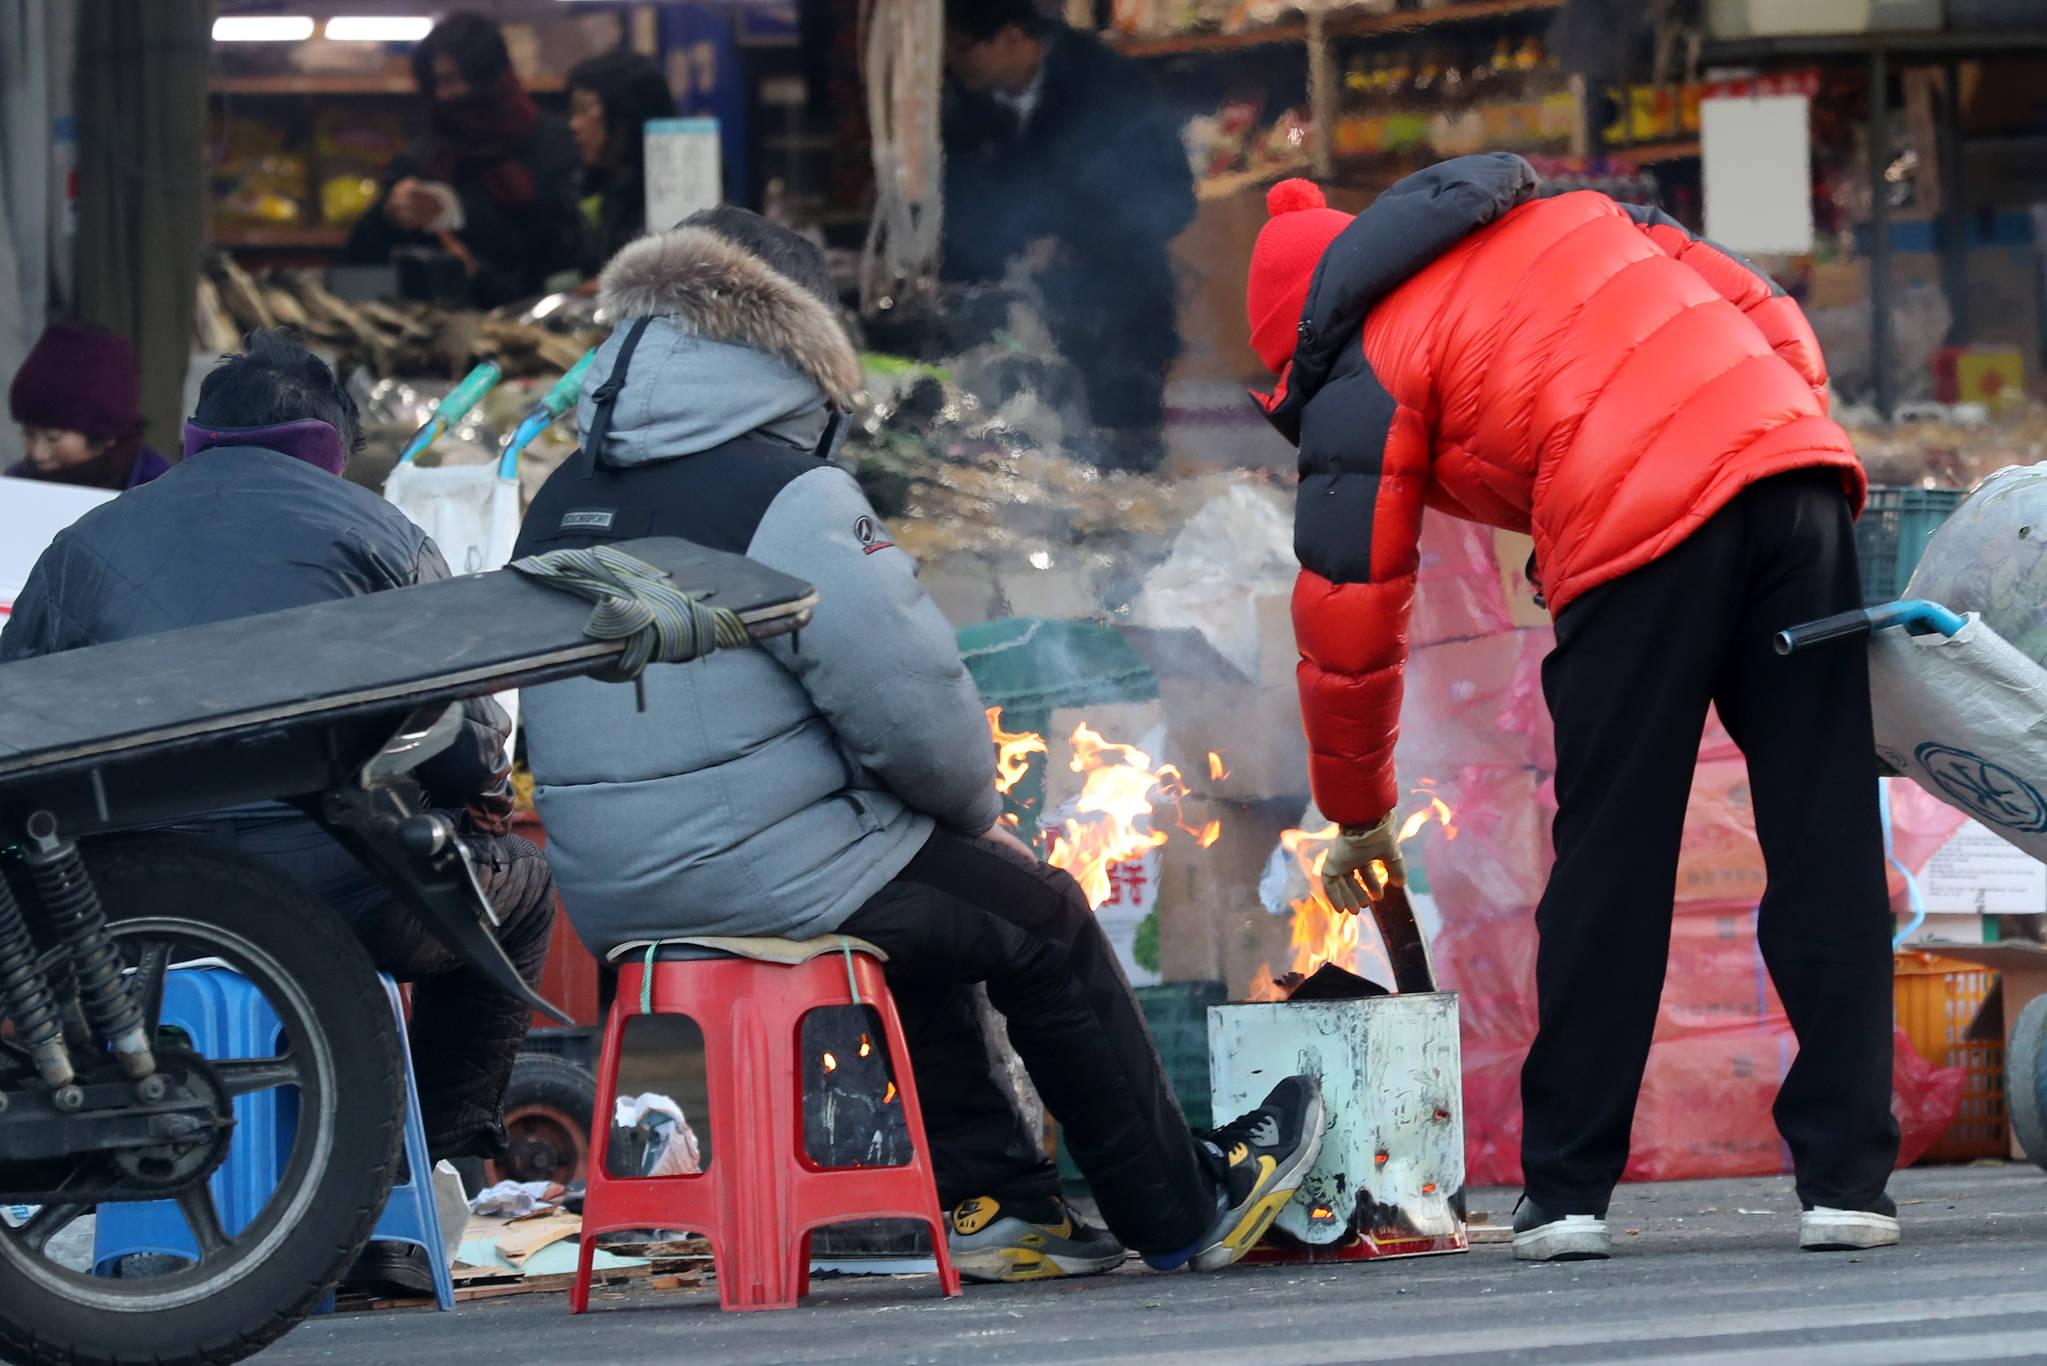 올 겨울 들어 가장 추운 날씨를 보인 12일 오전 대구 칠성시장에서 상인들이 불을 쬐고 있다. [연합뉴스]